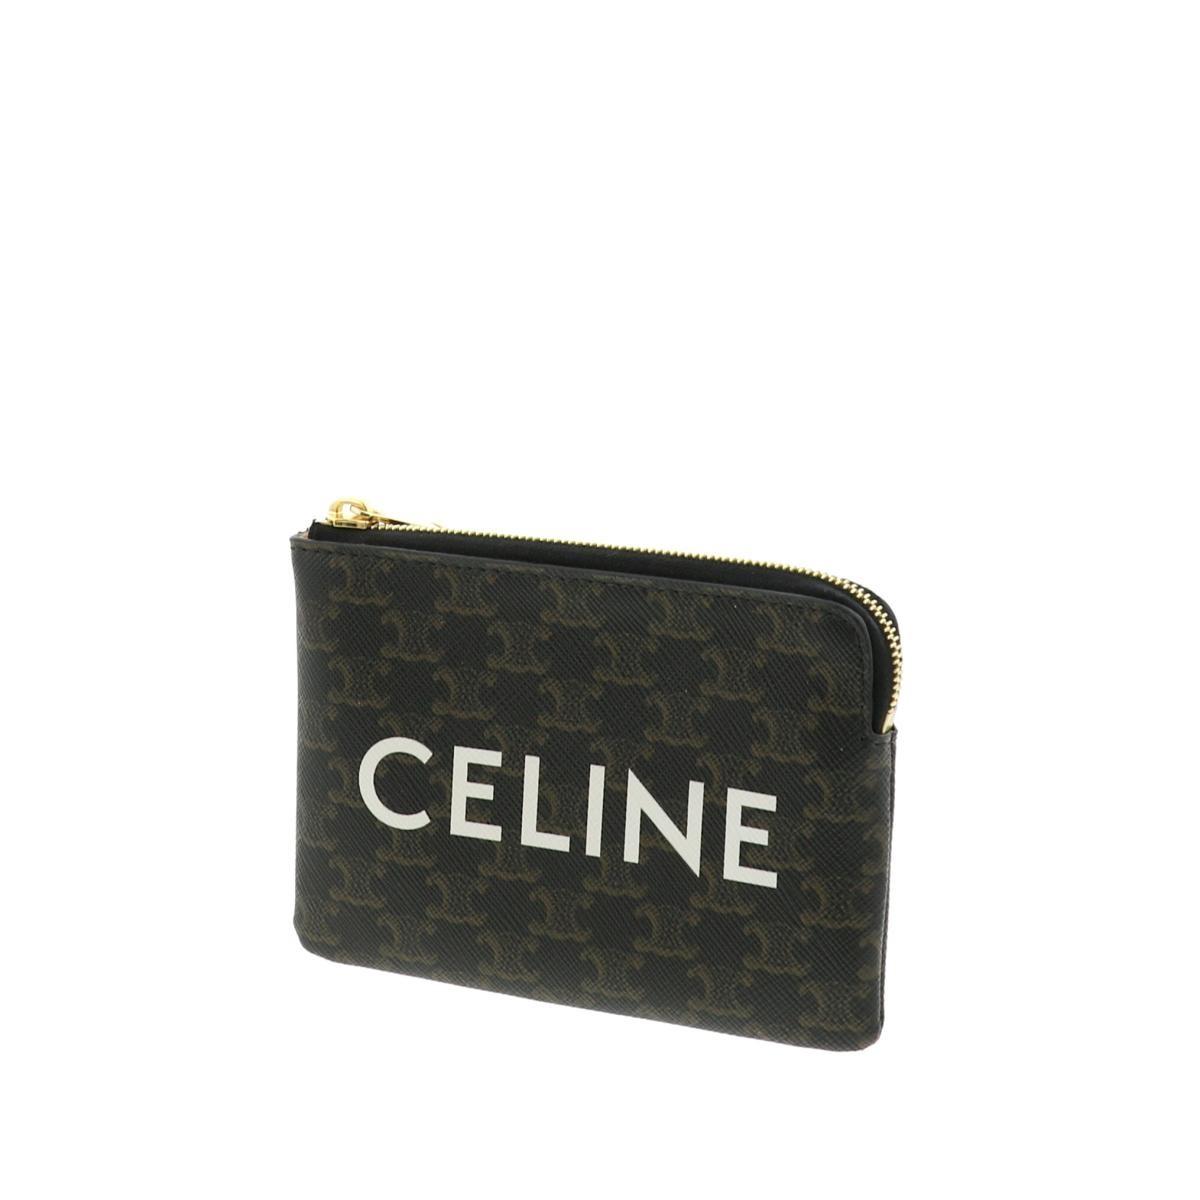 【中古】CELINE セリーヌ コインケース 財布 小銭入れ/コインケース トリオンフ Brown/ブラウン ロゴ  used:A